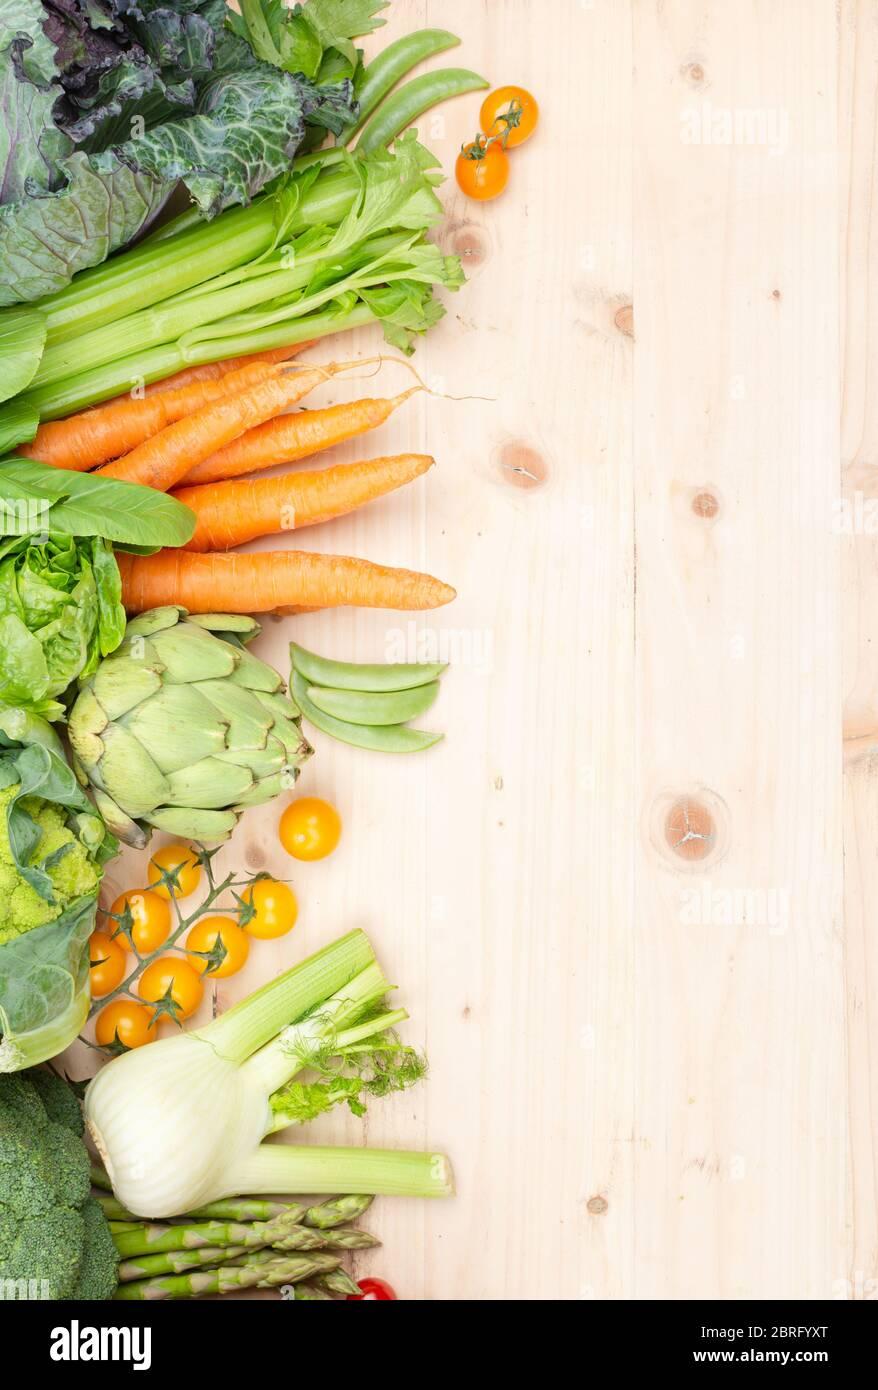 Vue de dessus des légumes sur une table en bois, carottes céleri tomates chou brocoli, espace de copie, foyer sélectif Banque D'Images